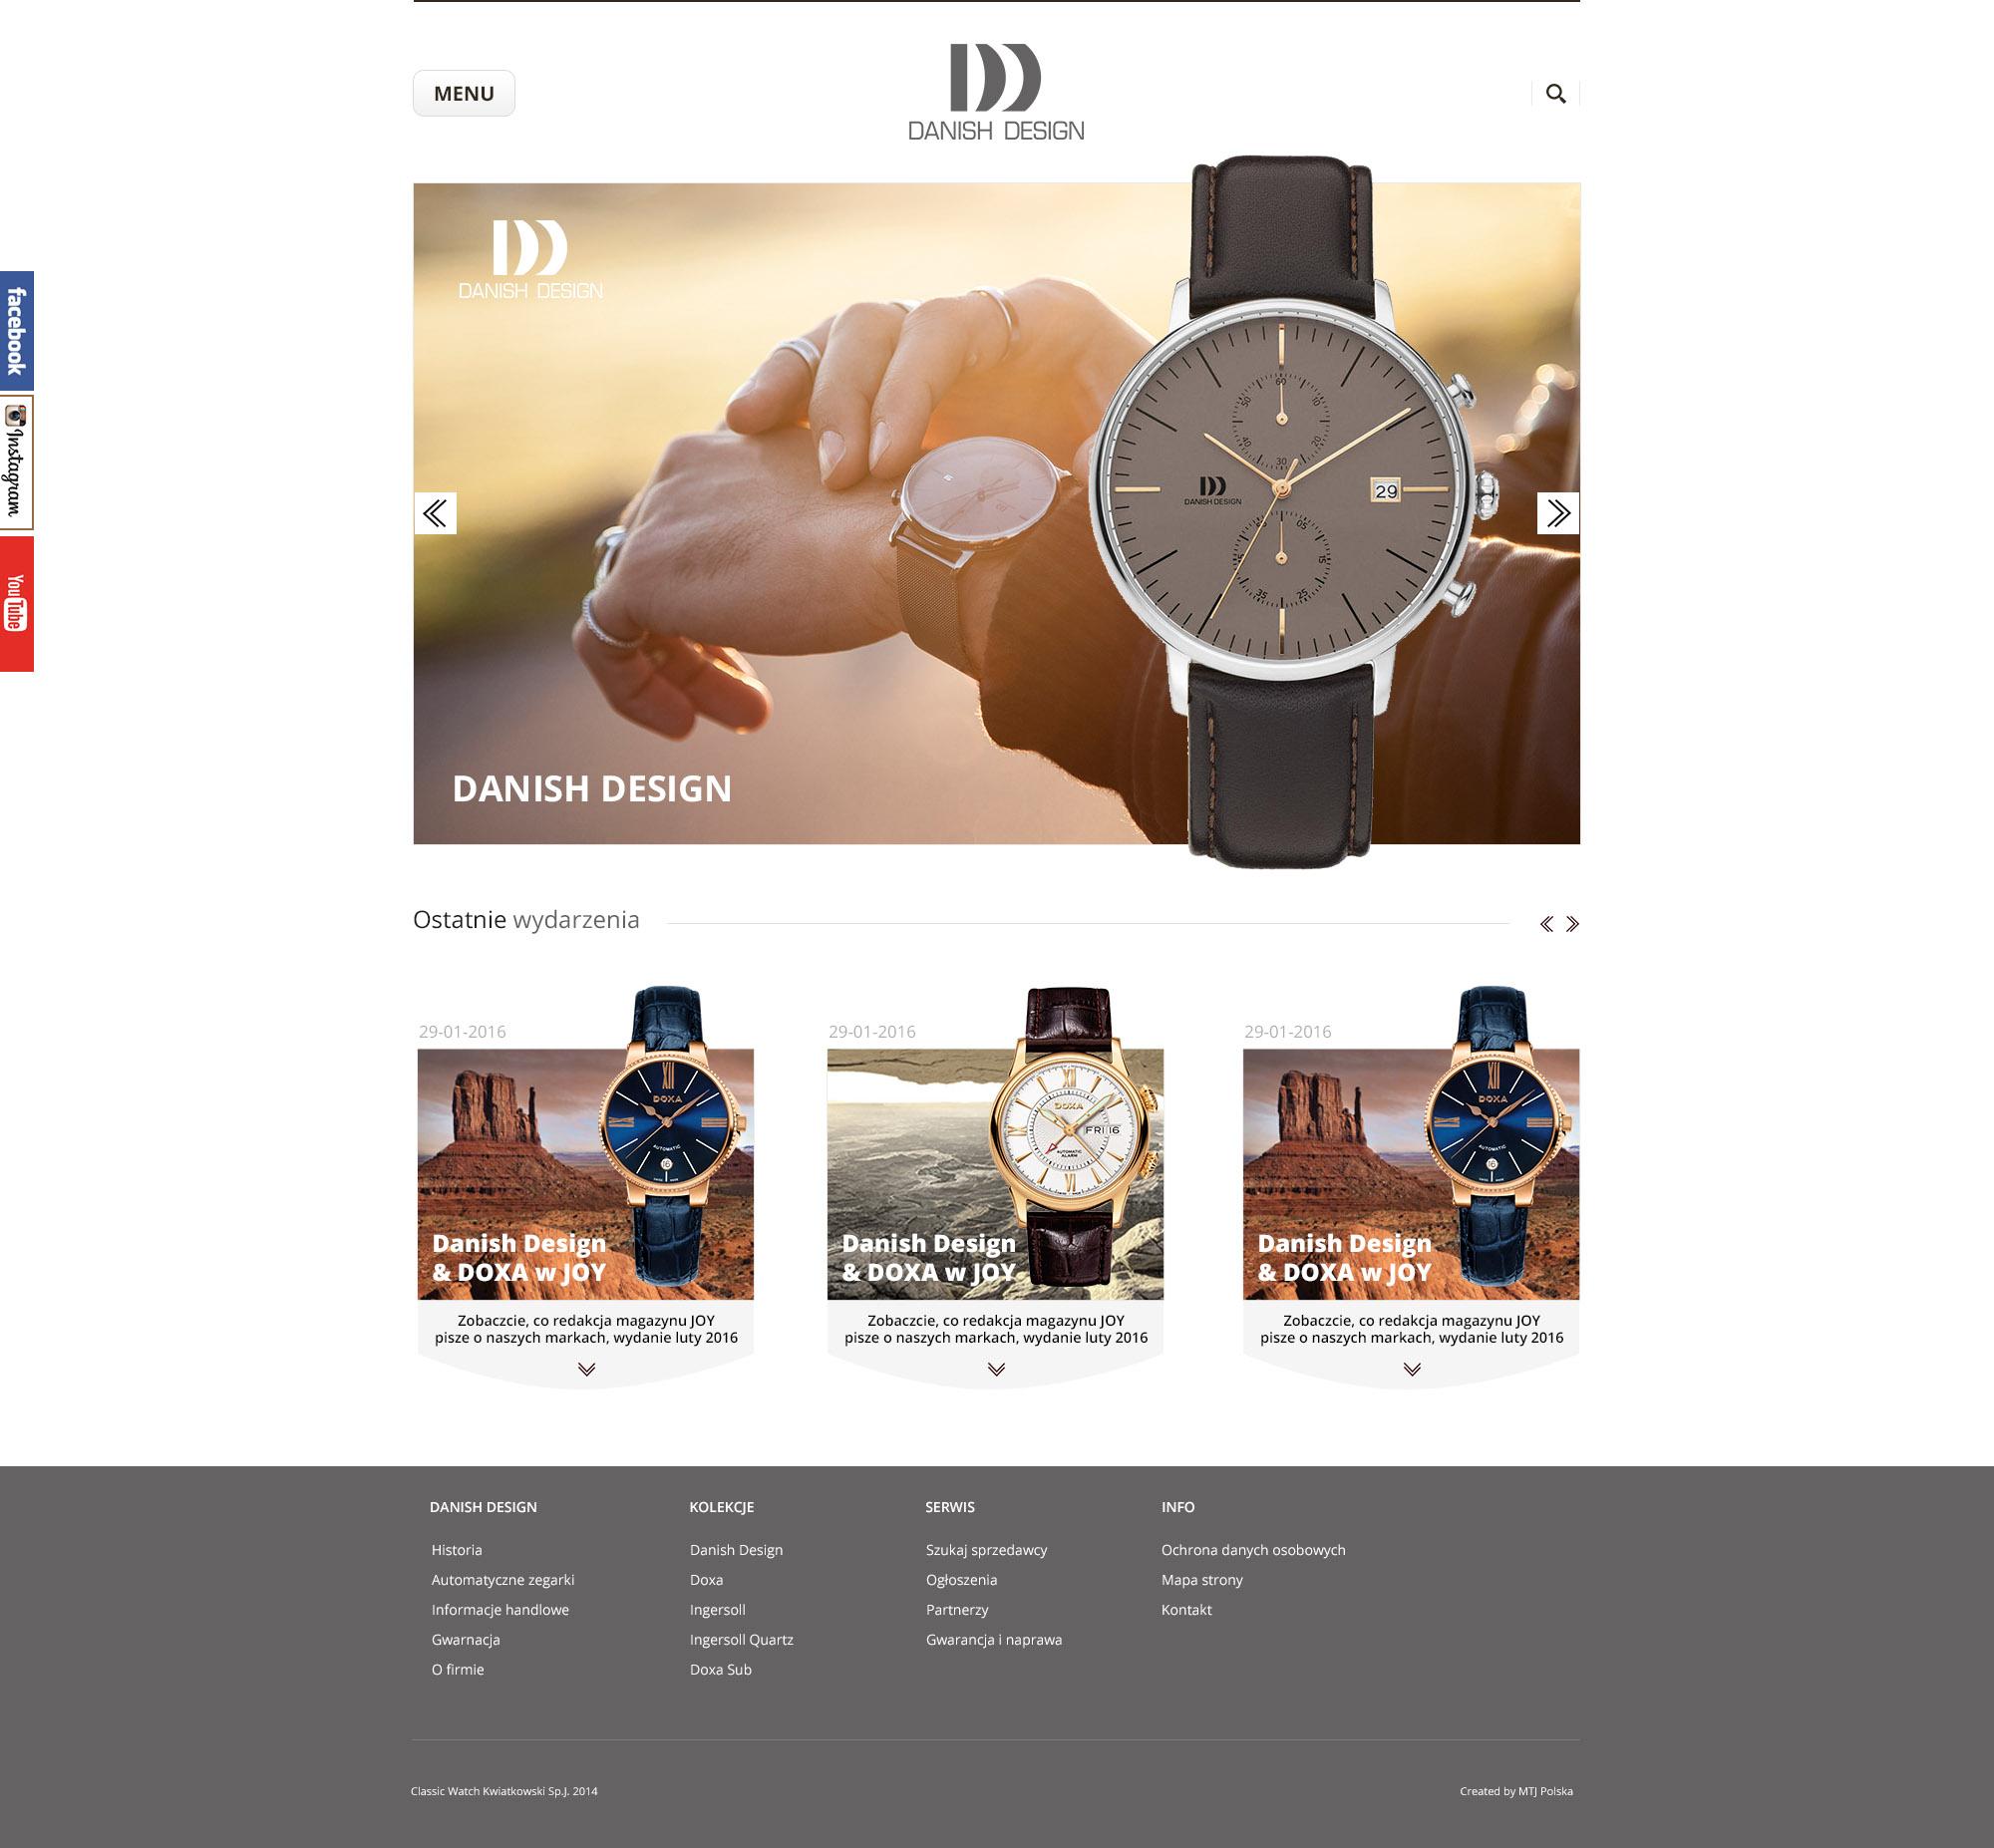 SG_DanishDesign_V01